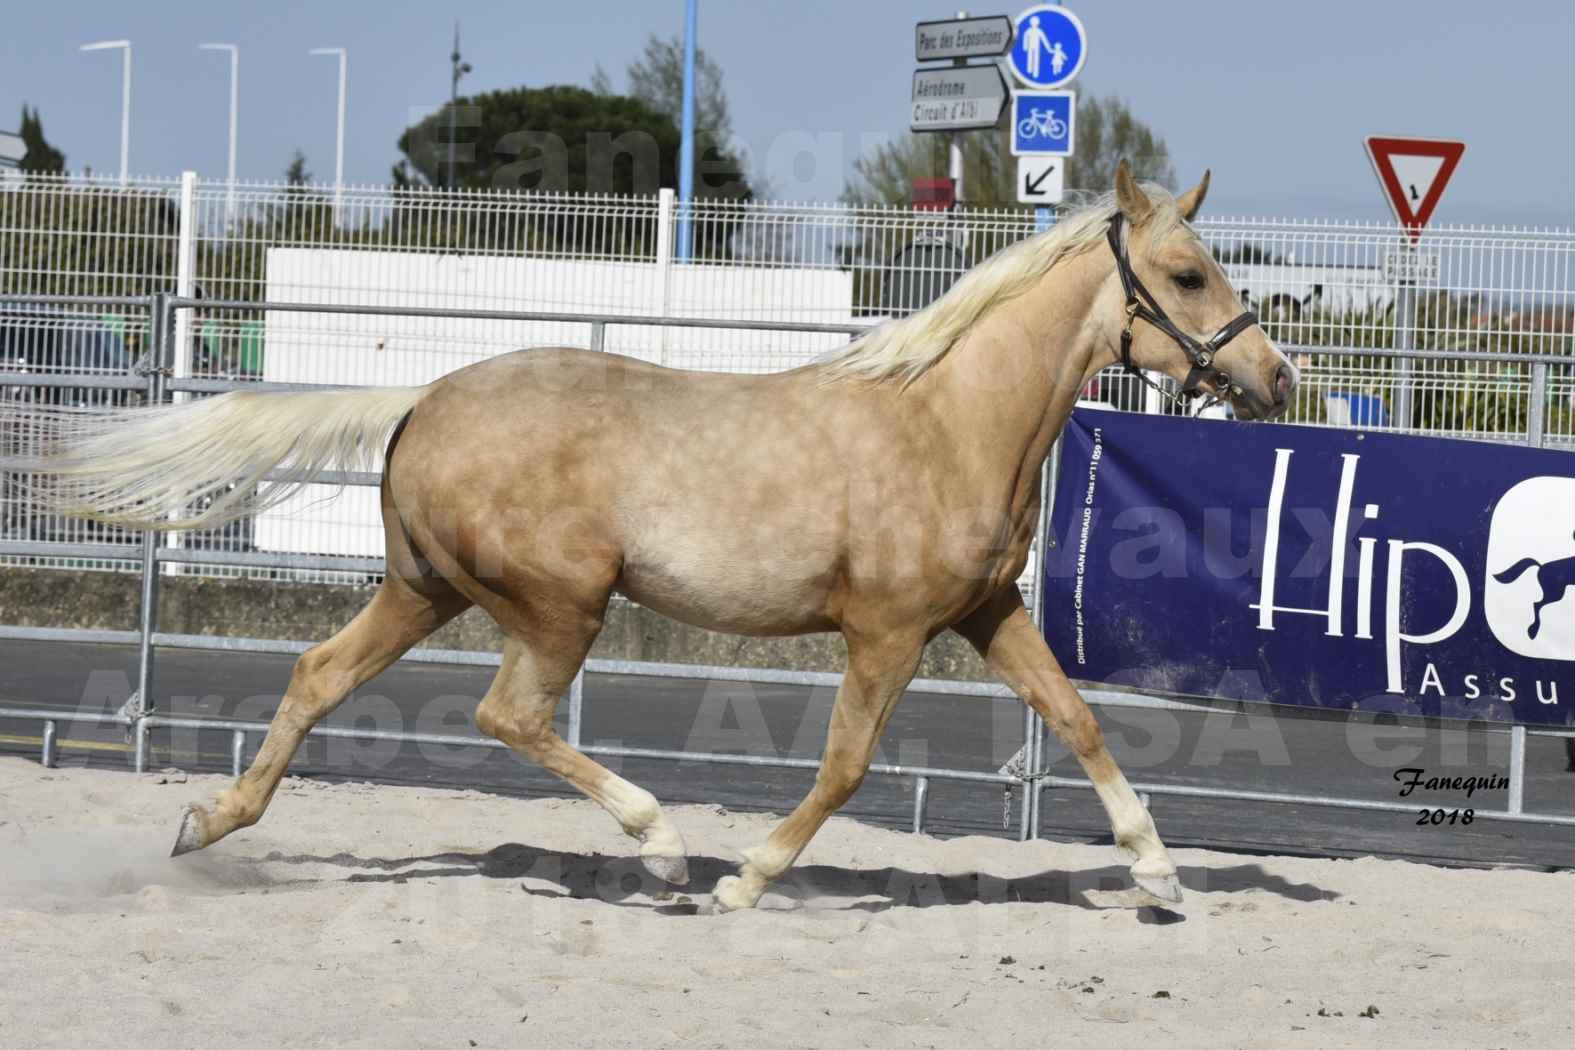 Concours d'élevage de Chevaux Arabes - D. S. A. - A. A. - ALBI les 6 & 7 Avril 2018 - GOLD DE DARRE - Notre Sélection - 8